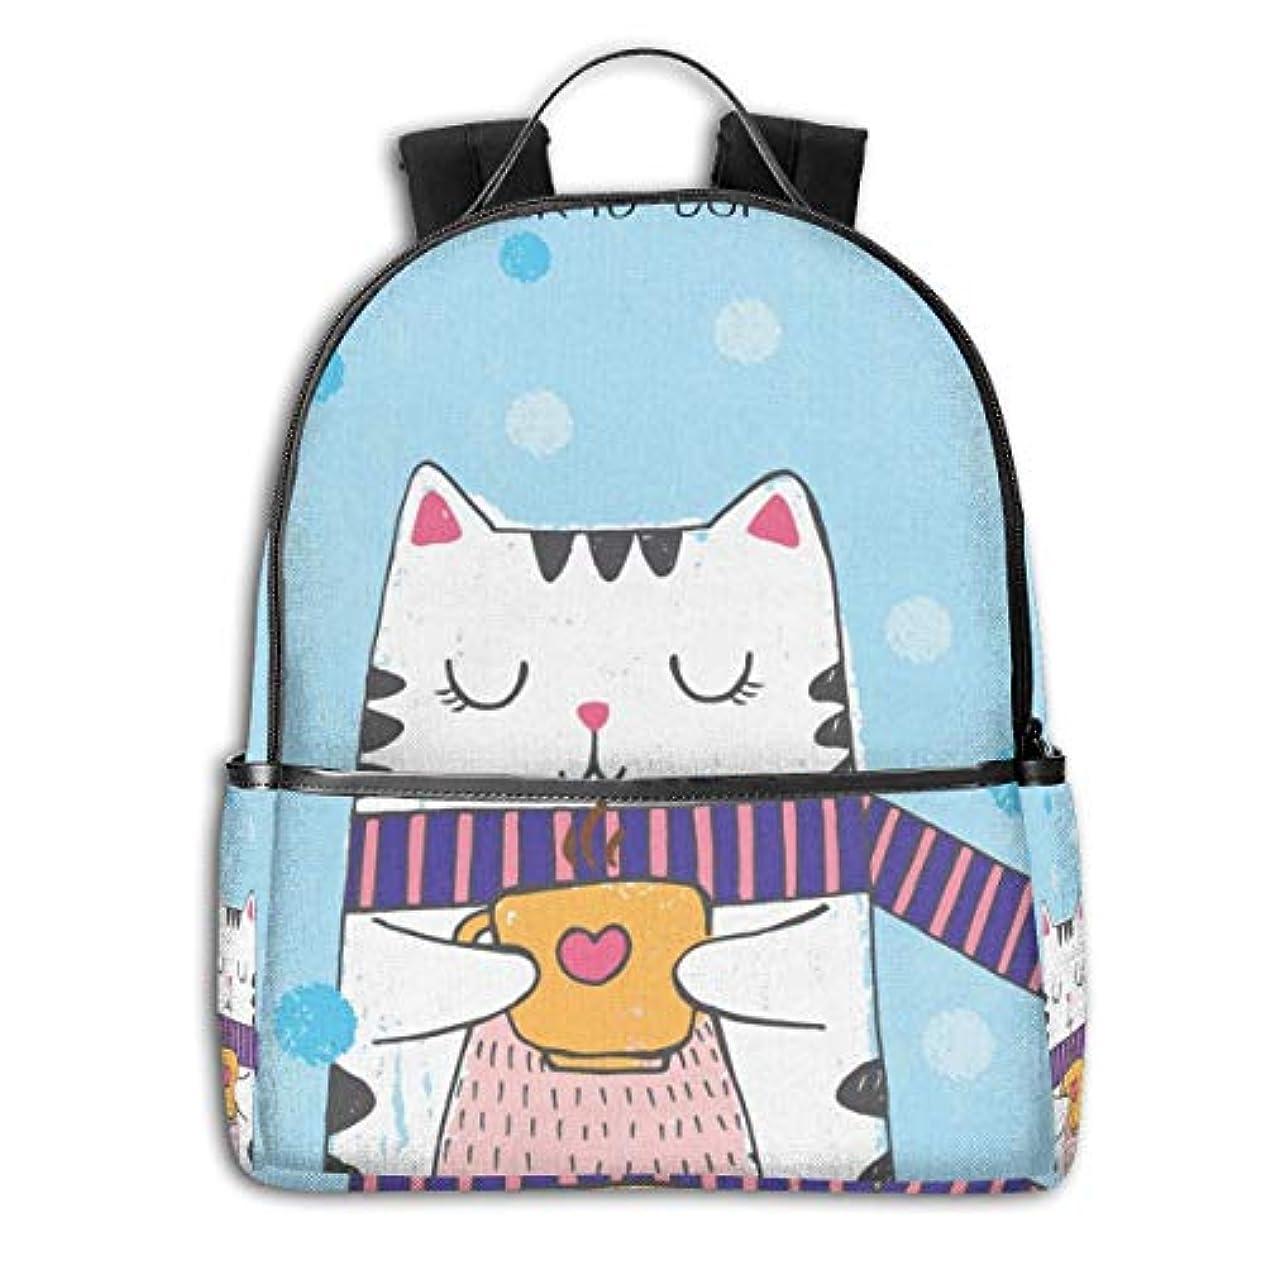 迷惑類似性クラッチZetena リ ュックリュックサック 猫 ネコ キティ ニャー バックパック デイパック おしゃれ 旅行 通学 通勤 15.6インチラップトップ収納可能 アウトドア 遠足 出張 男女兼用